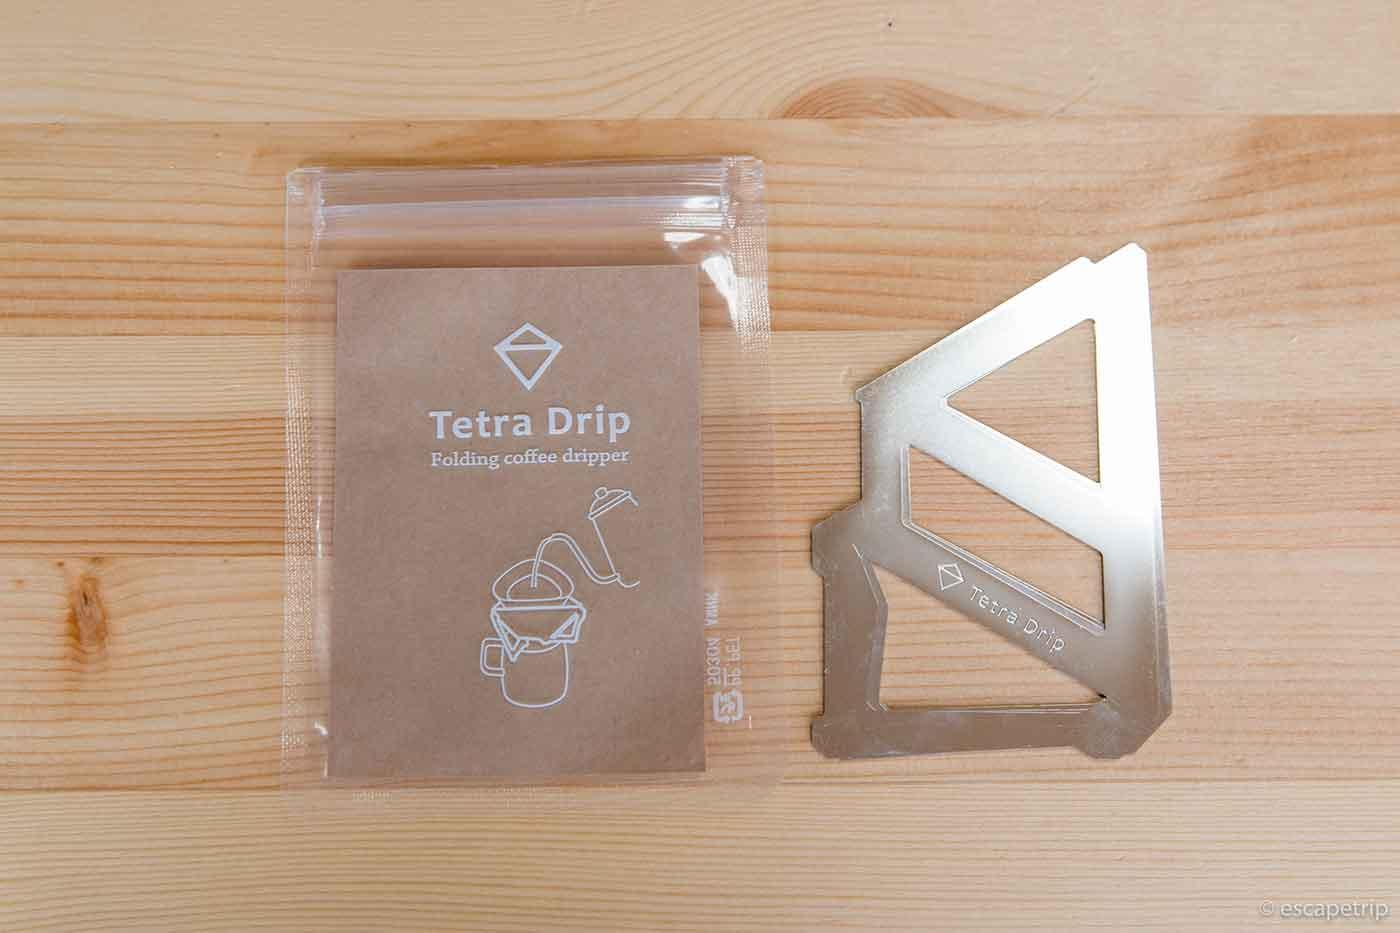 Tetra Drip 01Sのケース